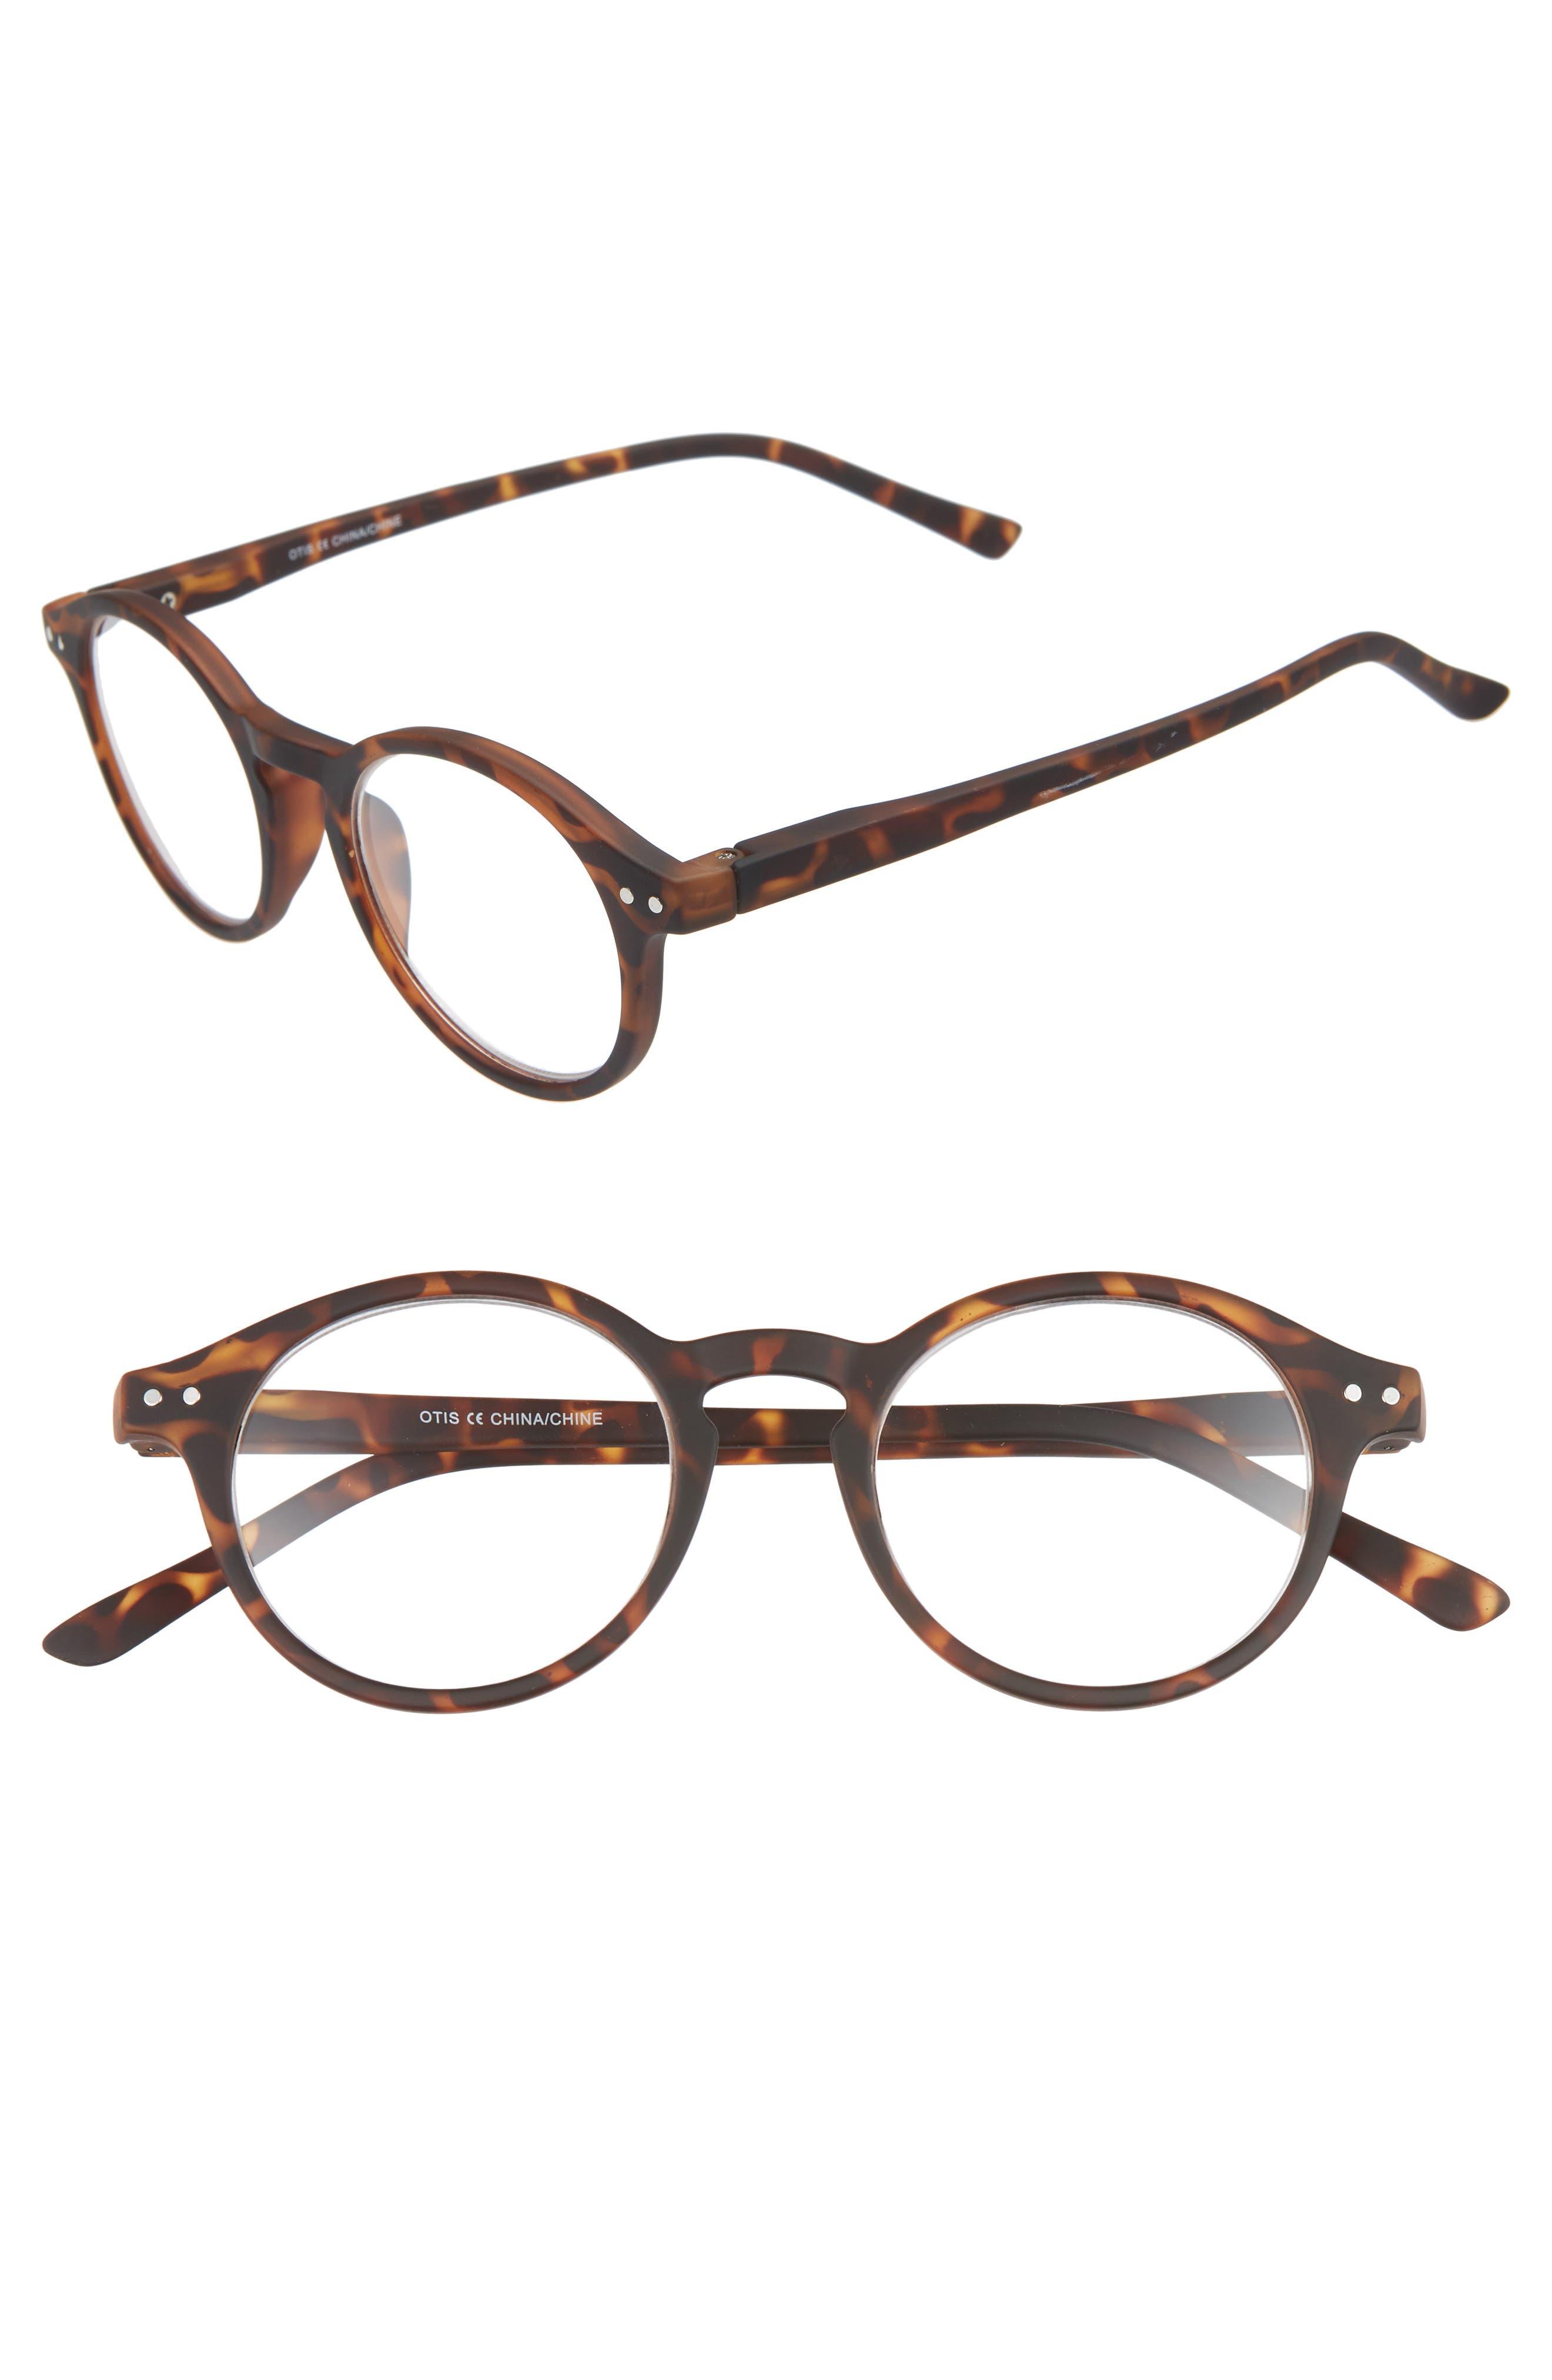 Otis 48mm Reading Glasses,                             Main thumbnail 1, color,                             BROWN TORTOISE